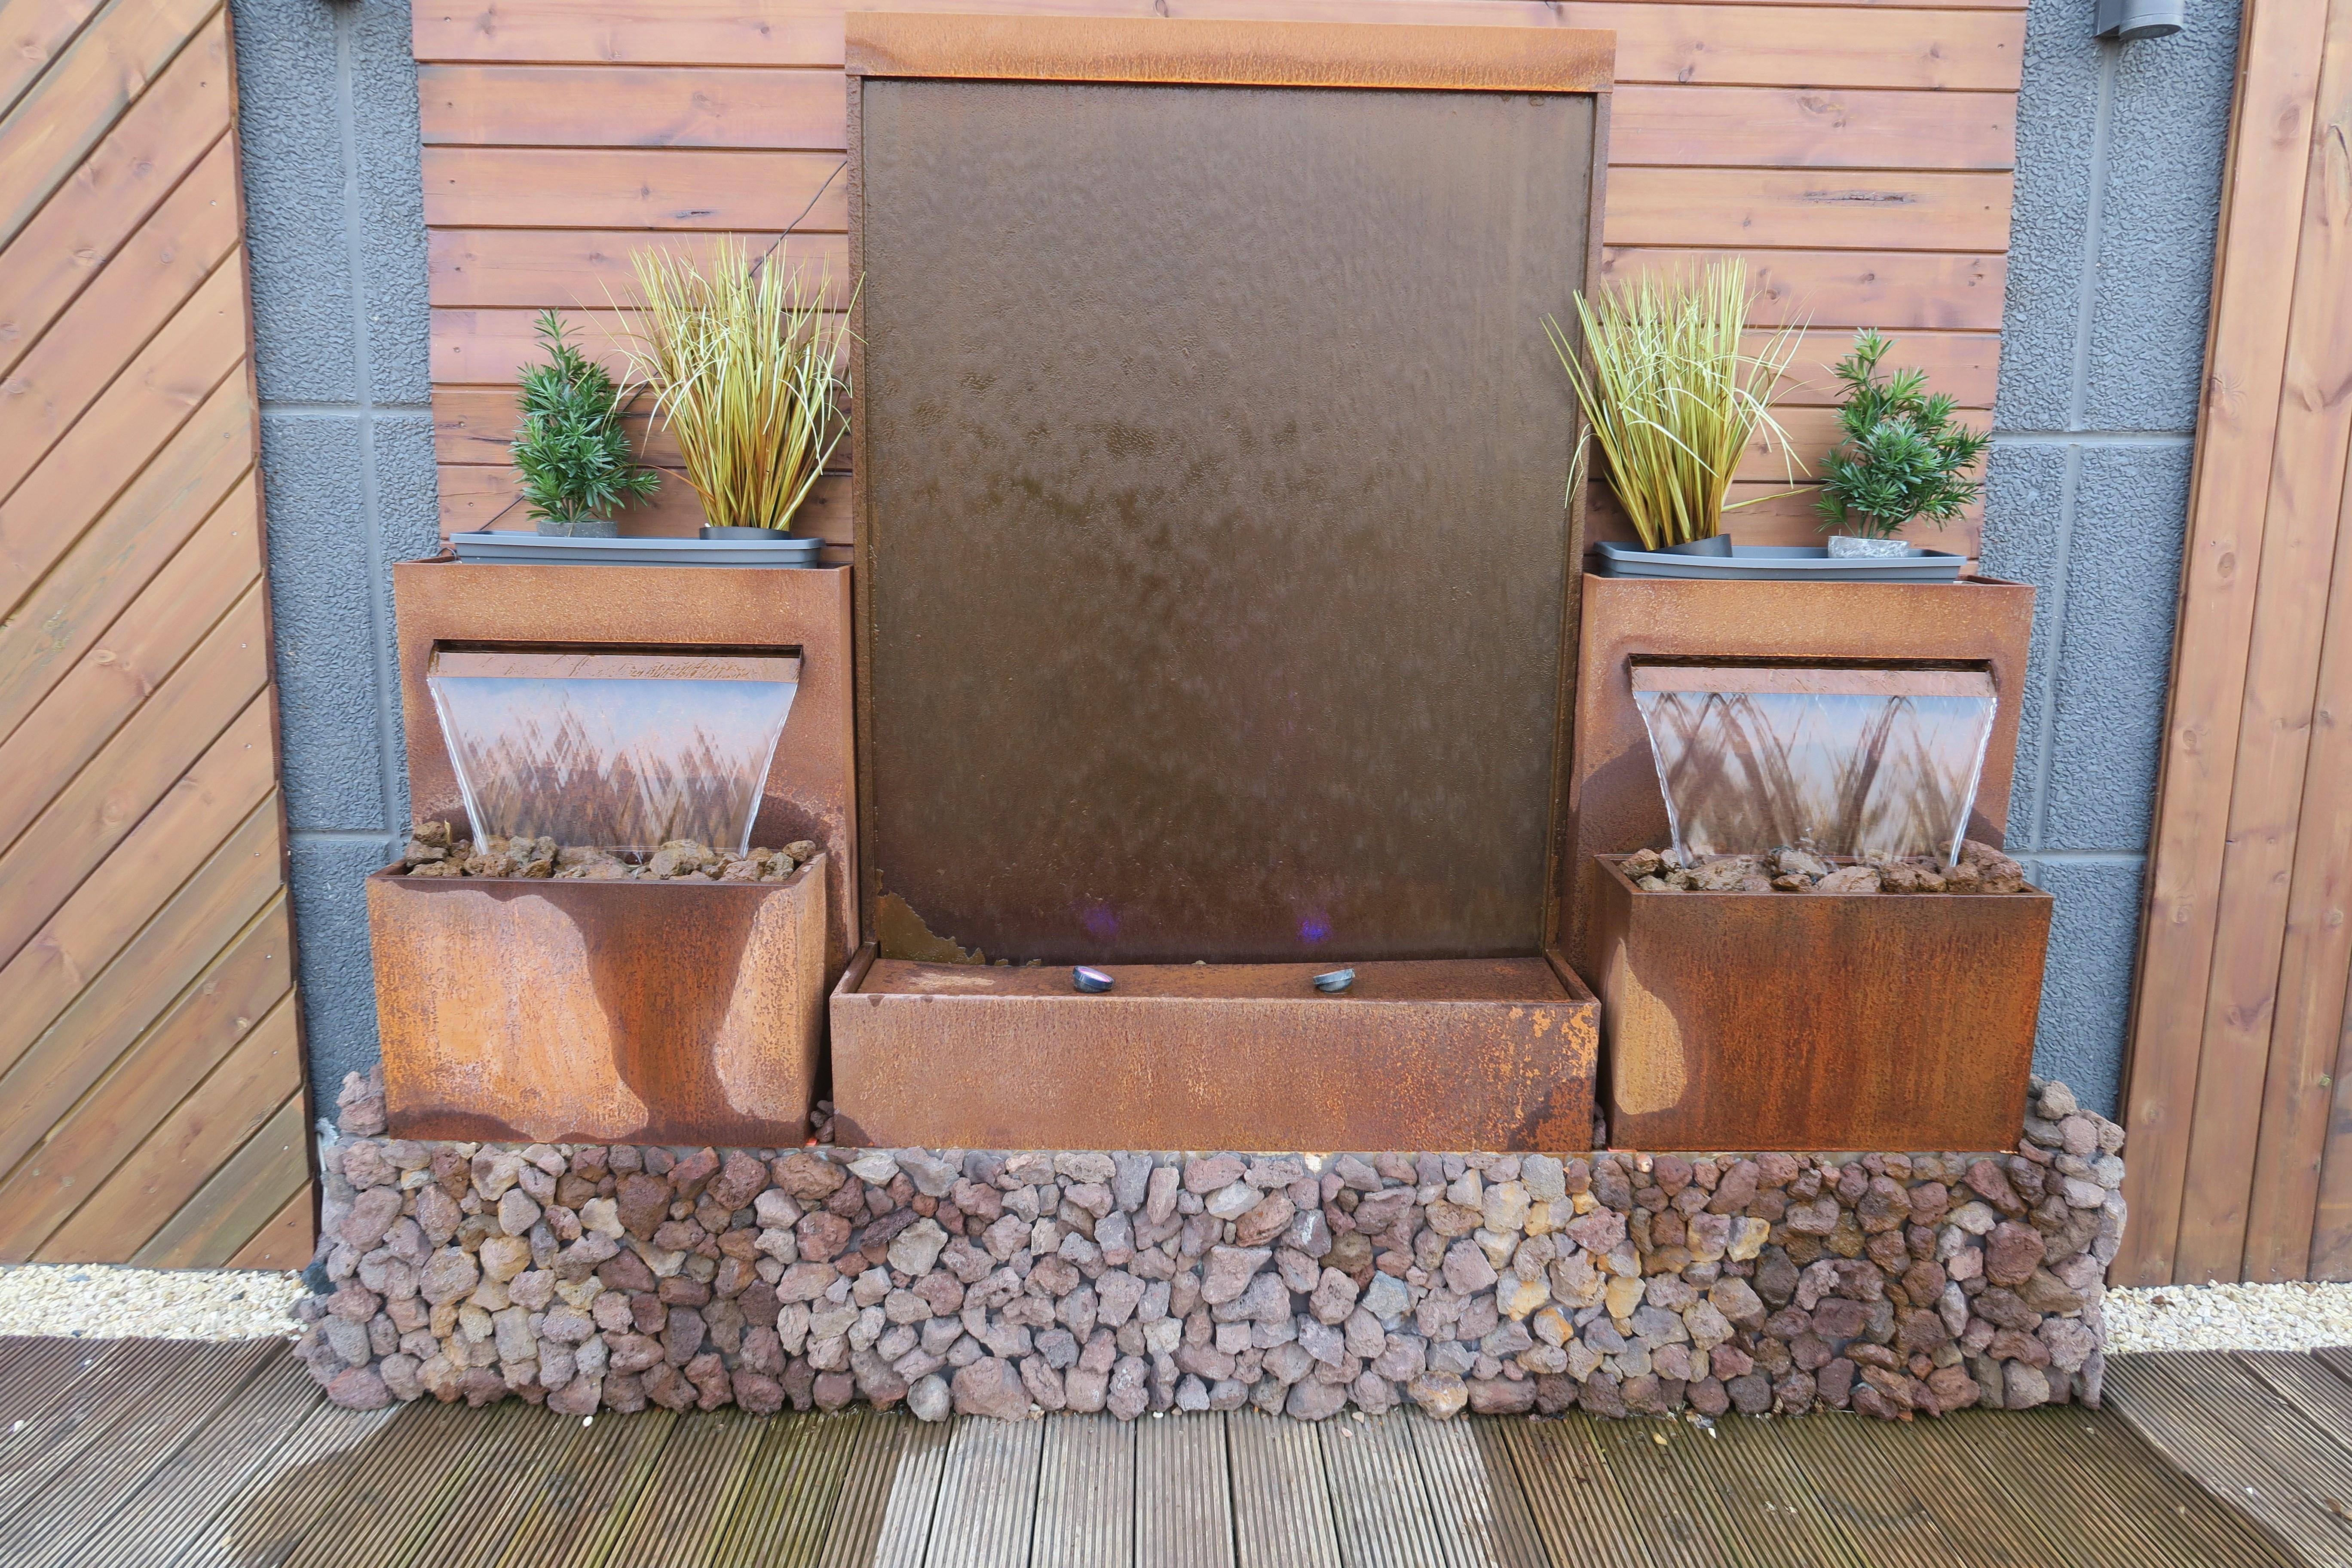 Idee Deco Interieur Cabane En Bois Beau Stock 45 Inspiration Idées De Idee Deco Jardin A Faire soi Meme